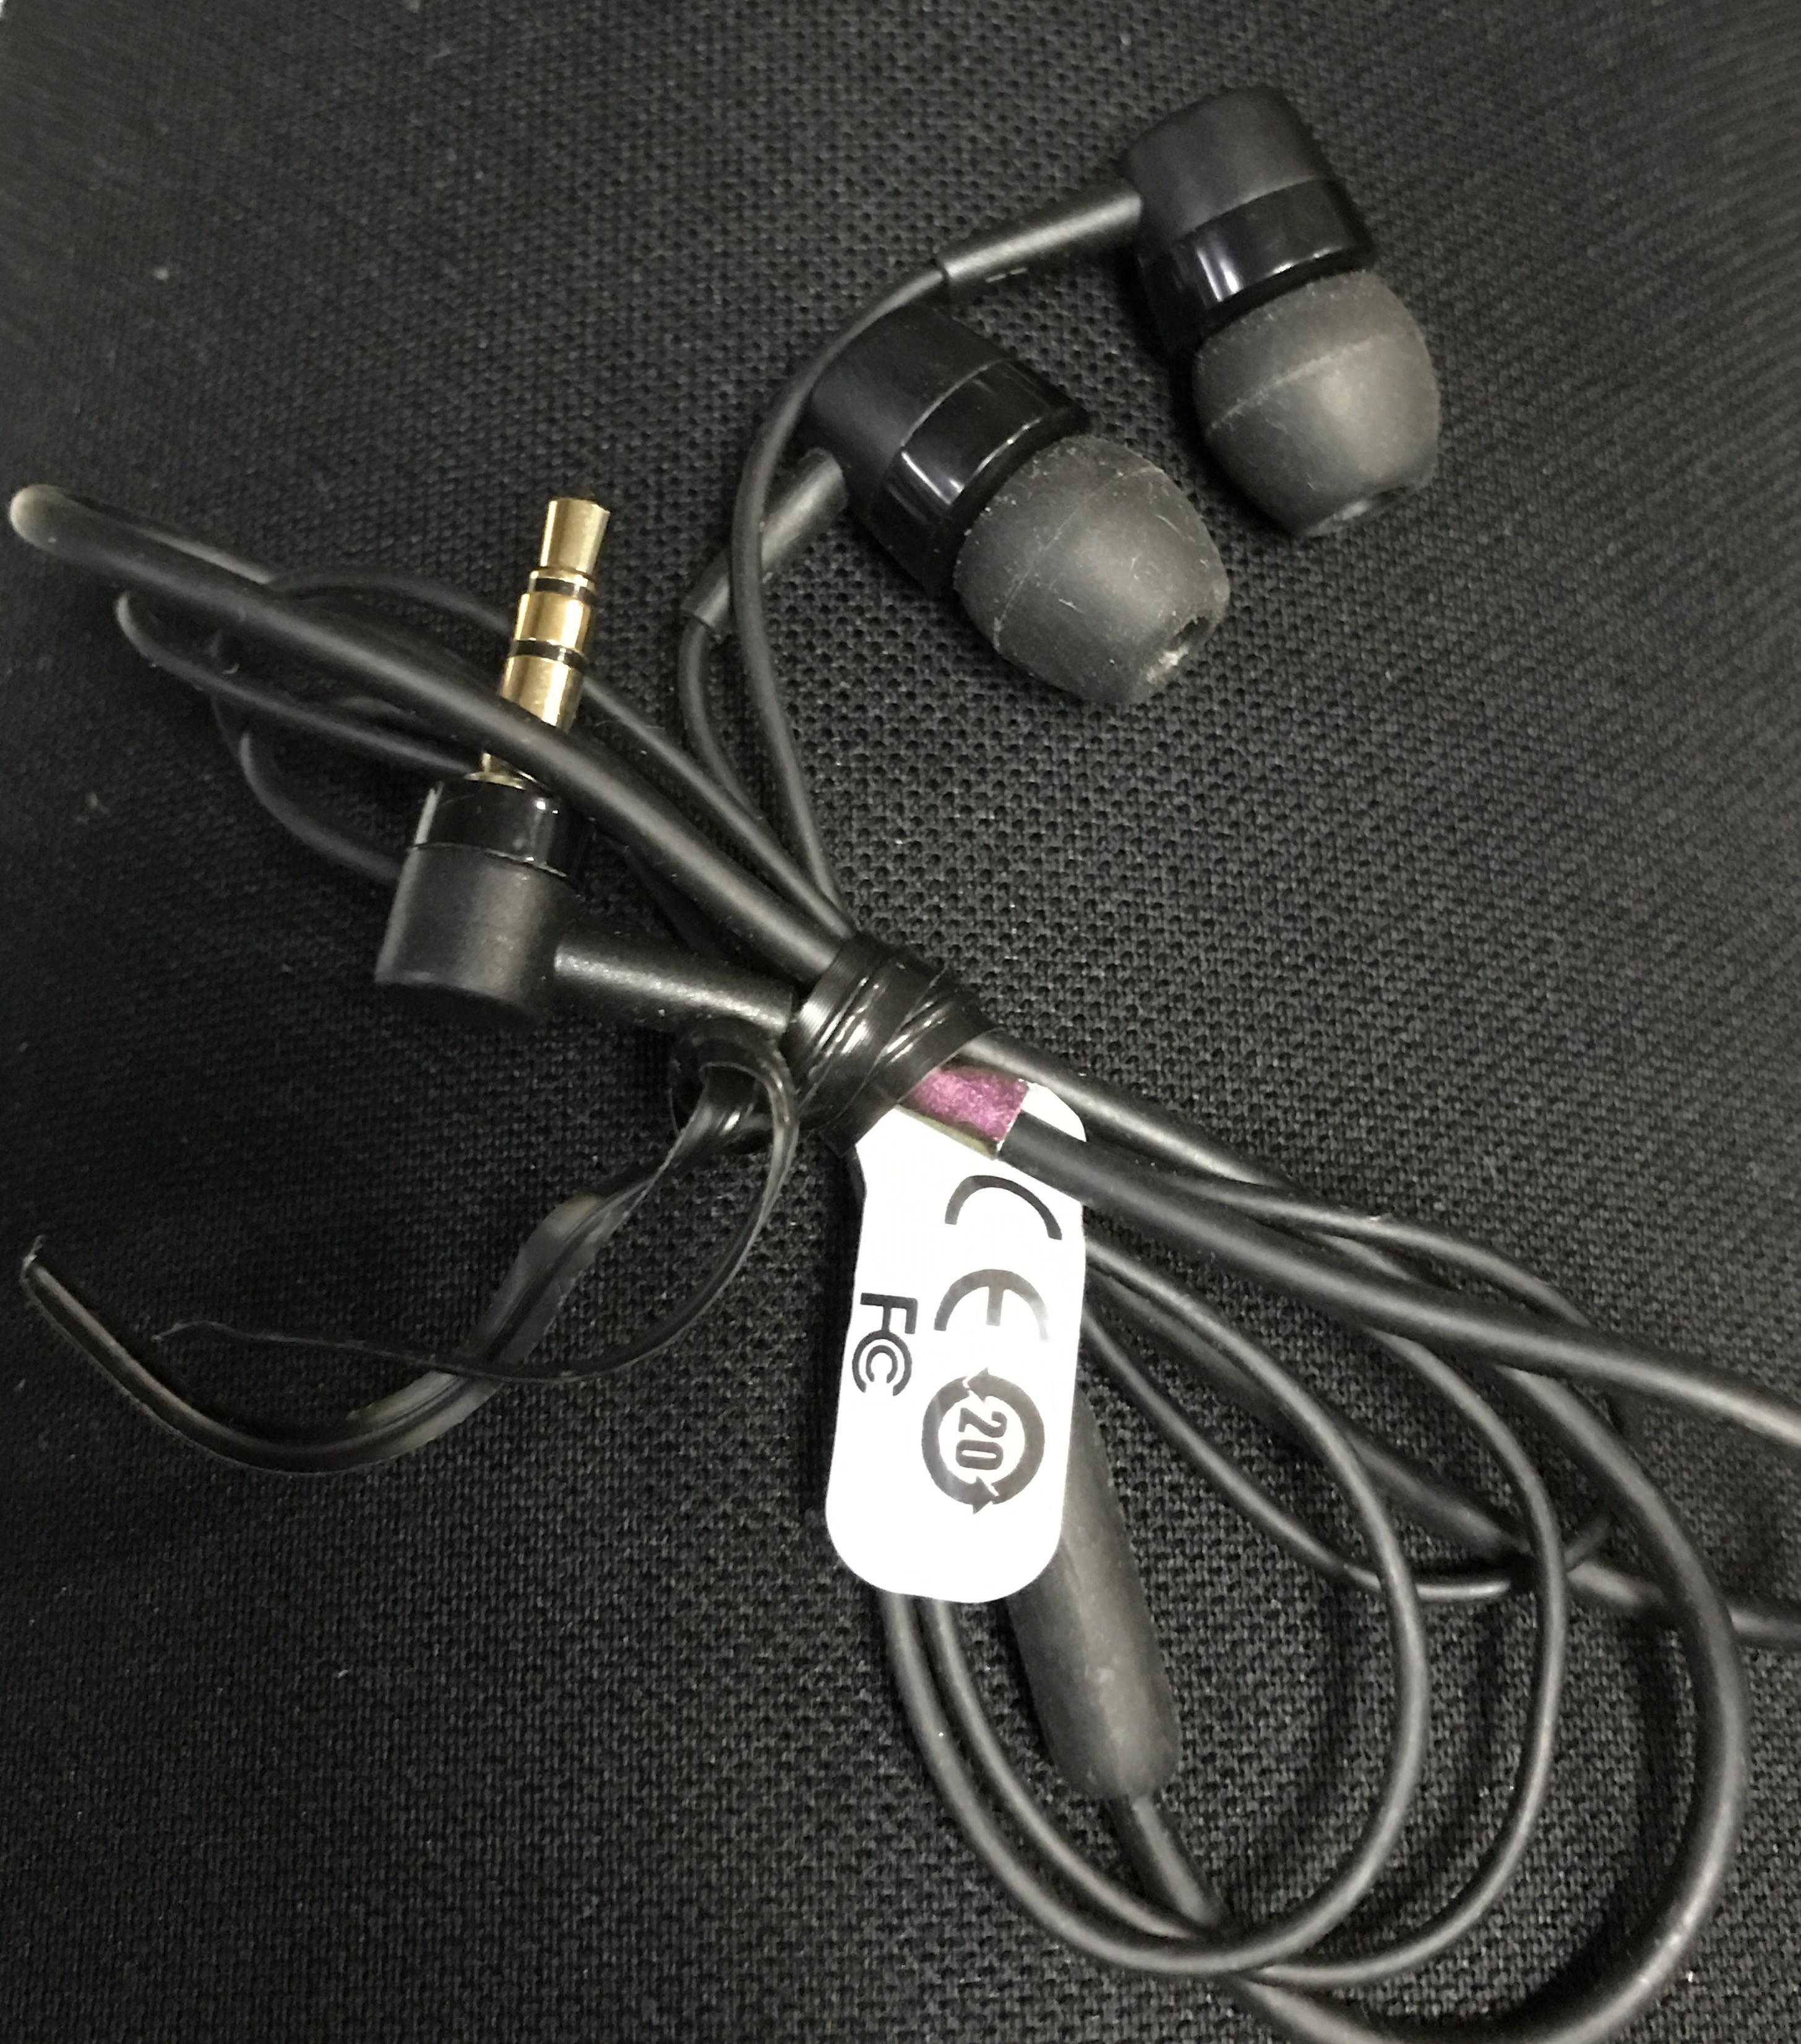 Sony MH-7555 Headphones